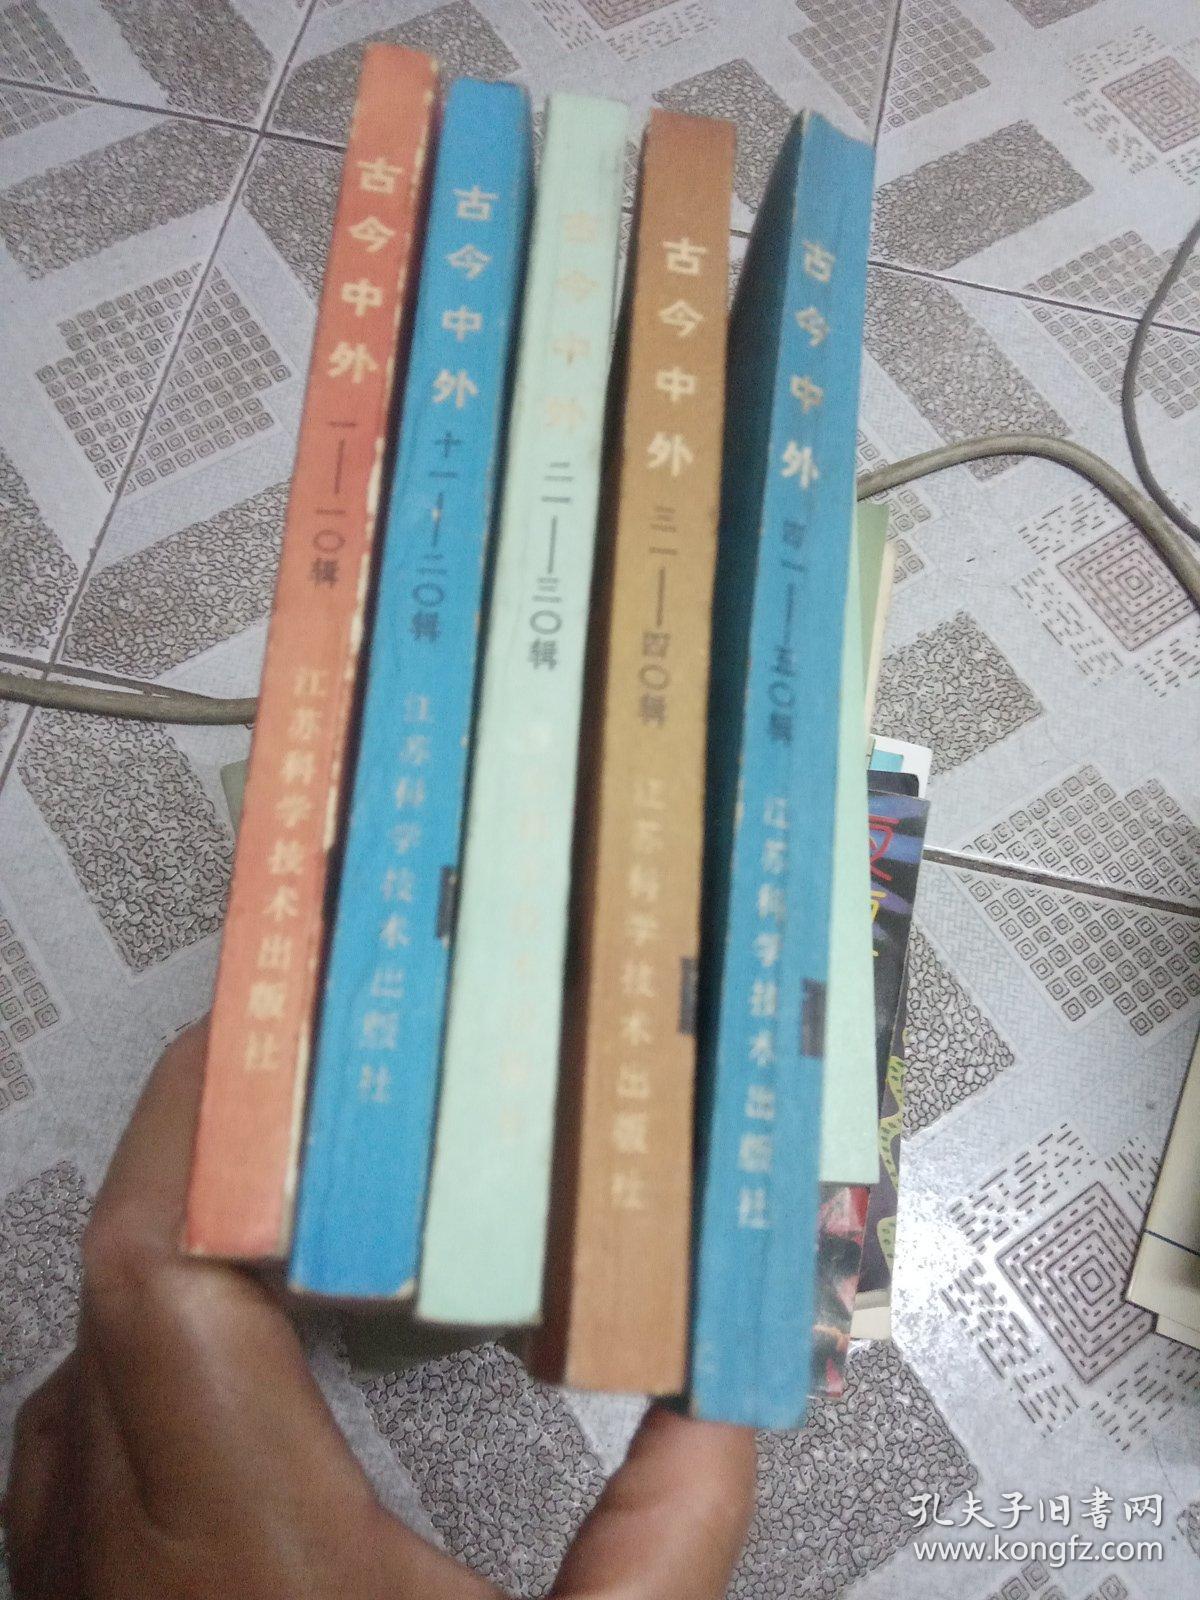 古今中外(1-10辑、11-20、21-30、31-40、41-50辑合订本)5册